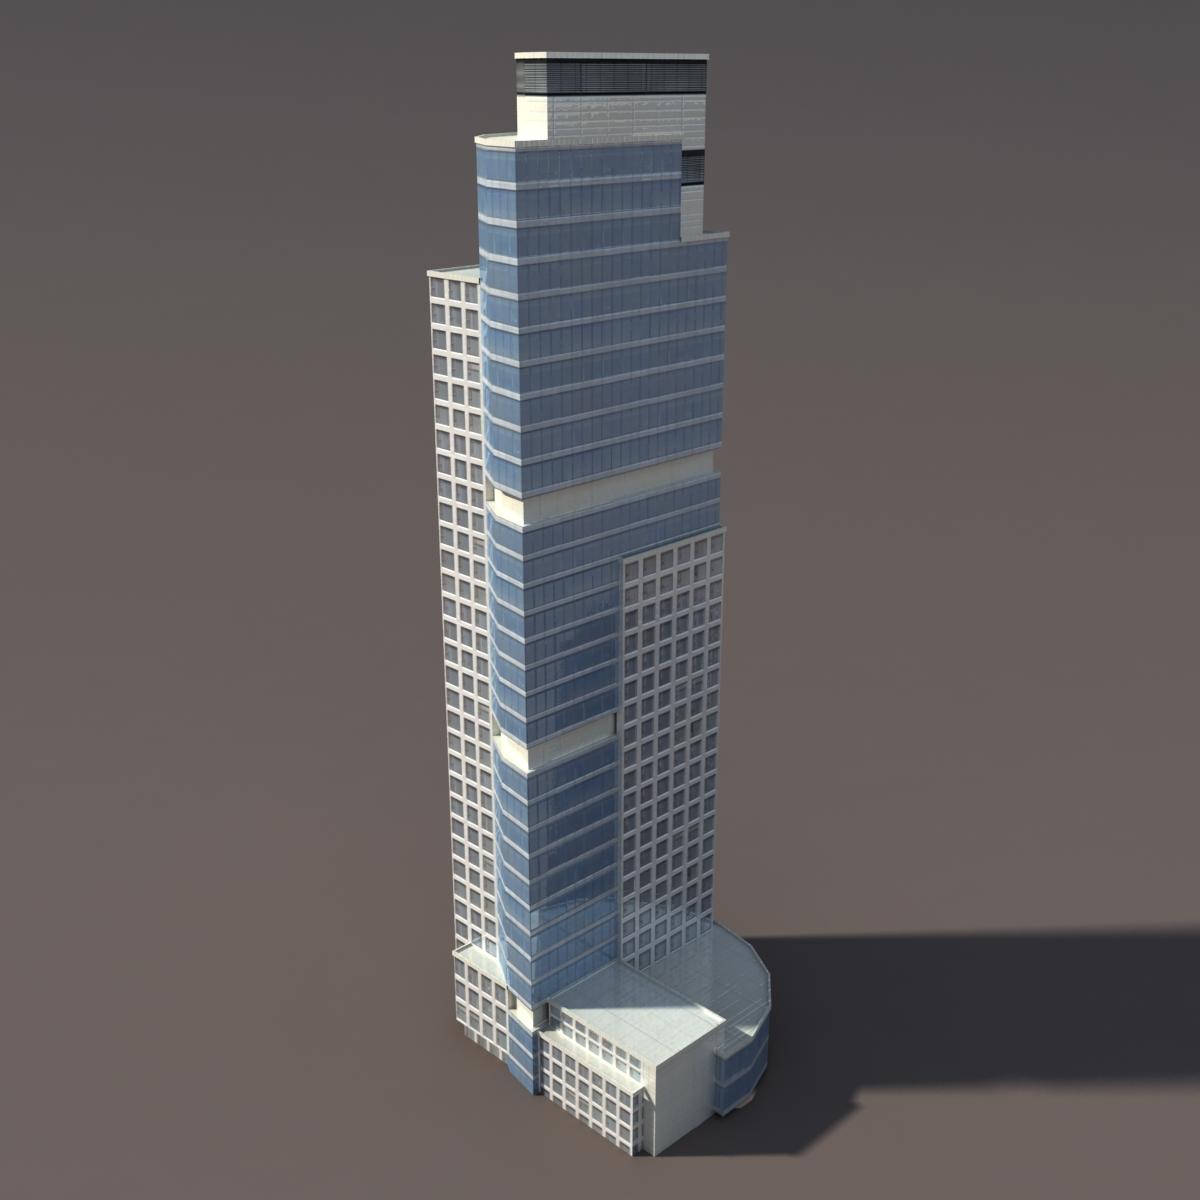 Skyscraper #2 Low Poly 3d Model .